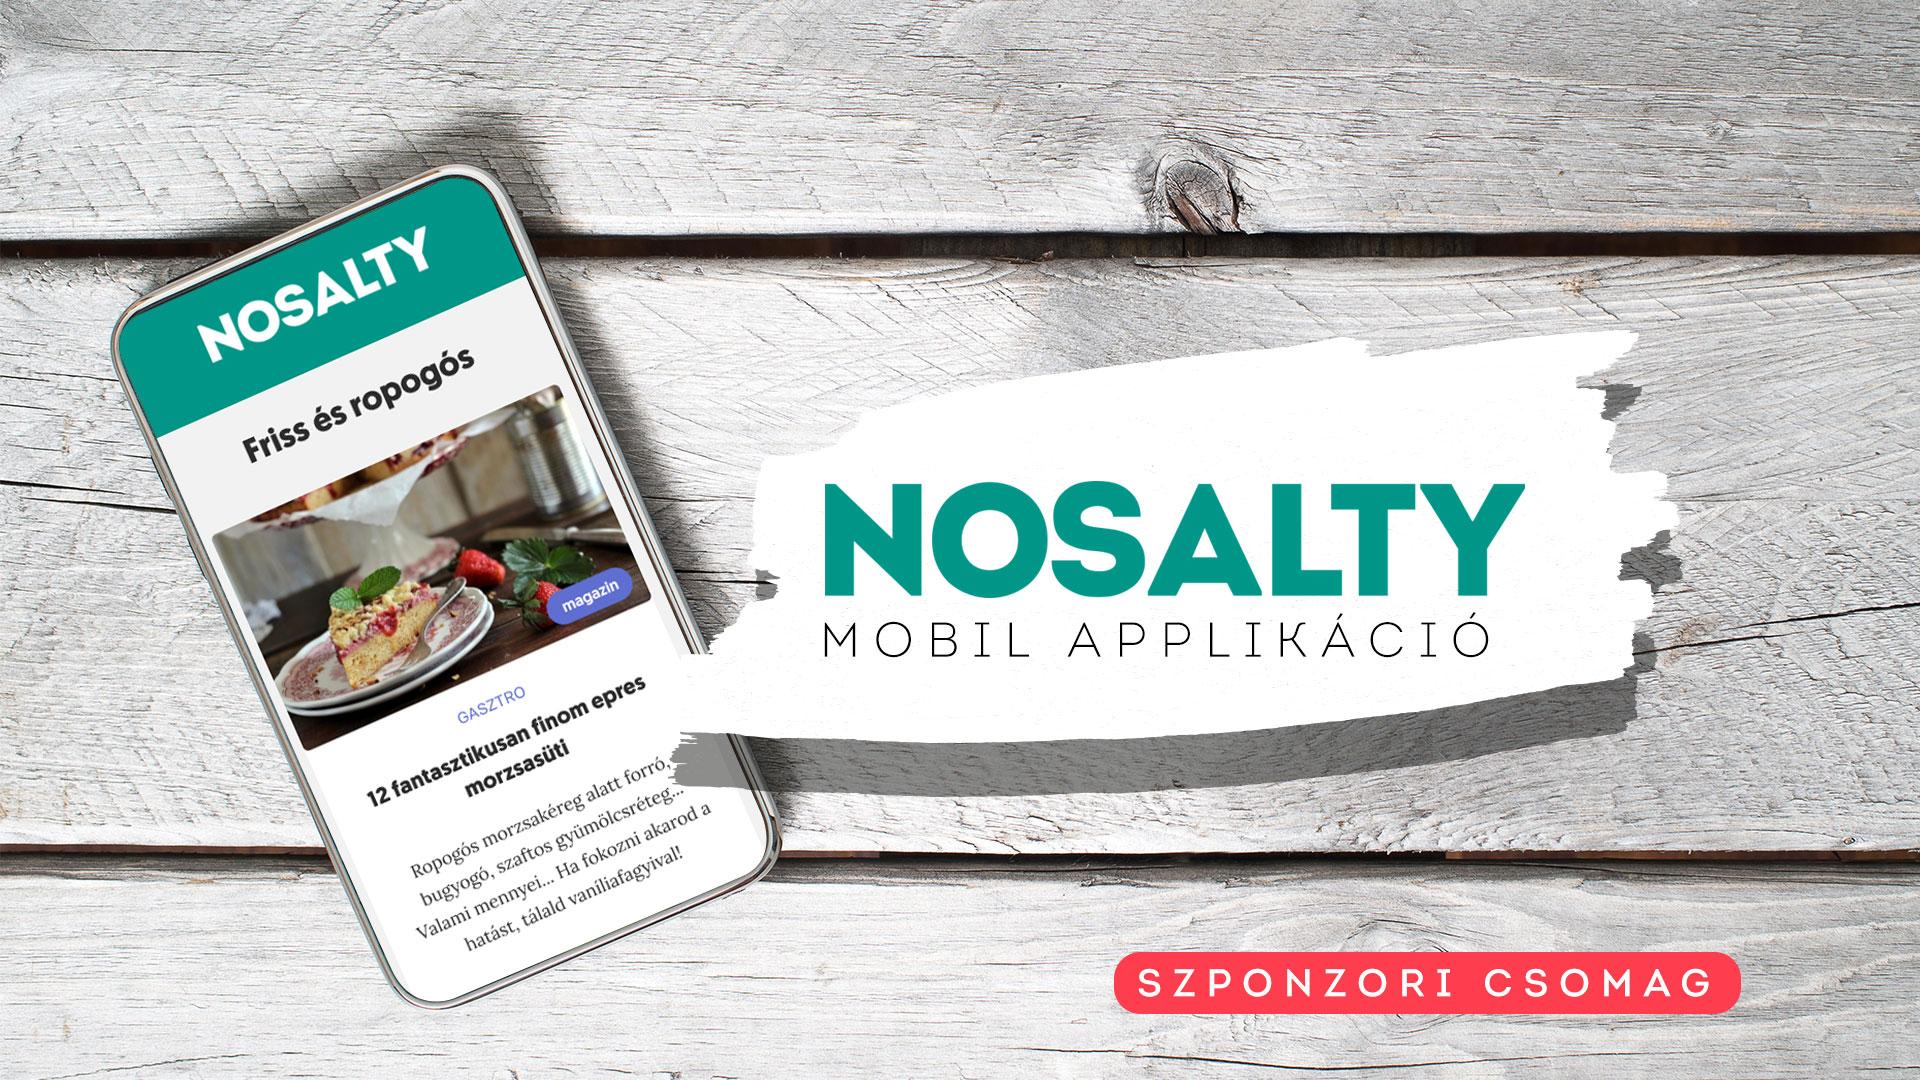 Nosalty applikáció – szponzori csomag